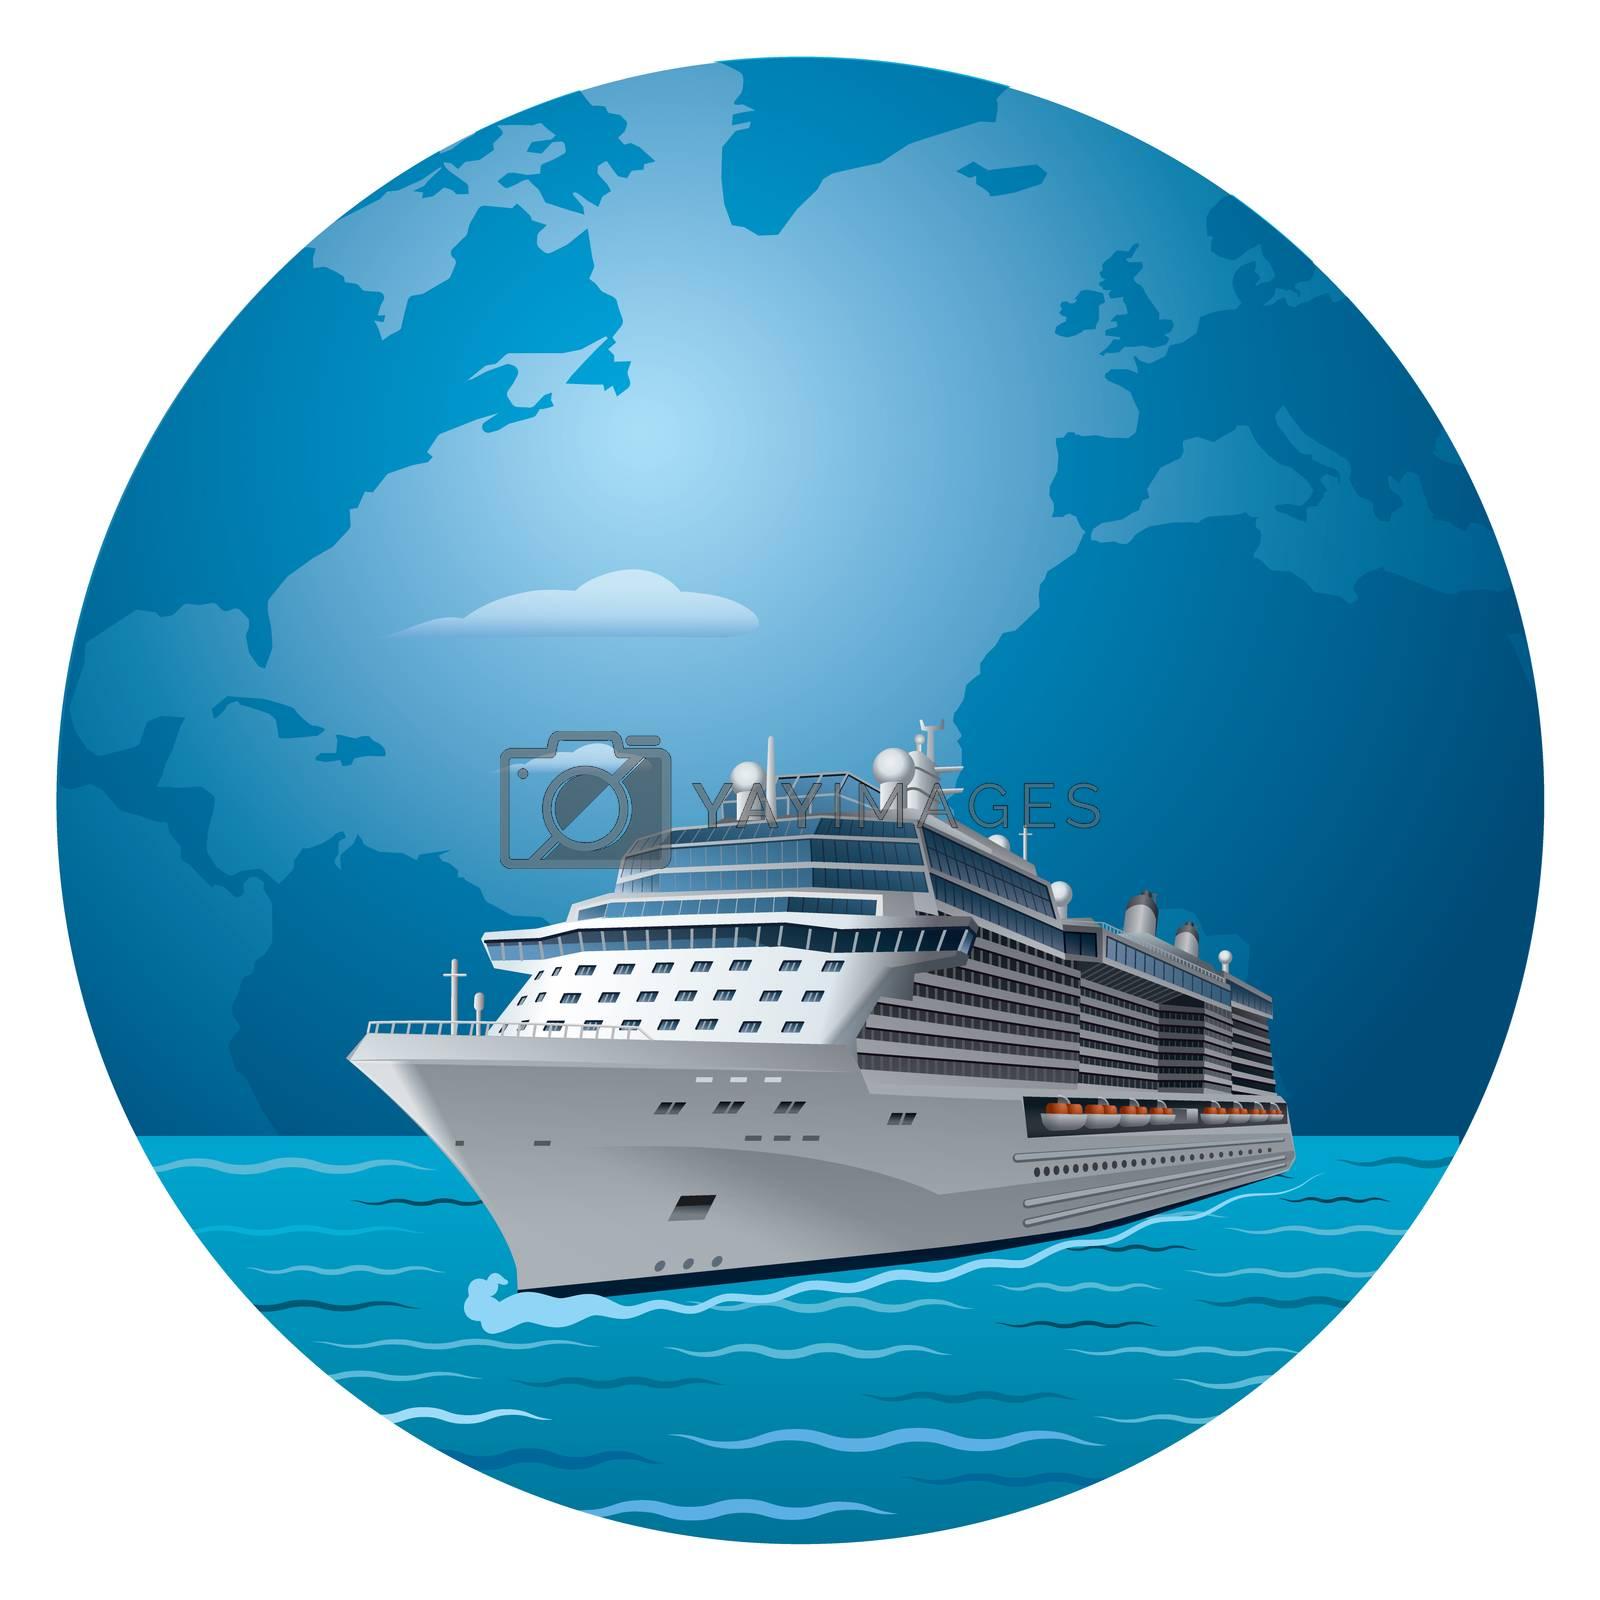 illustration of cruise ship round the world travel